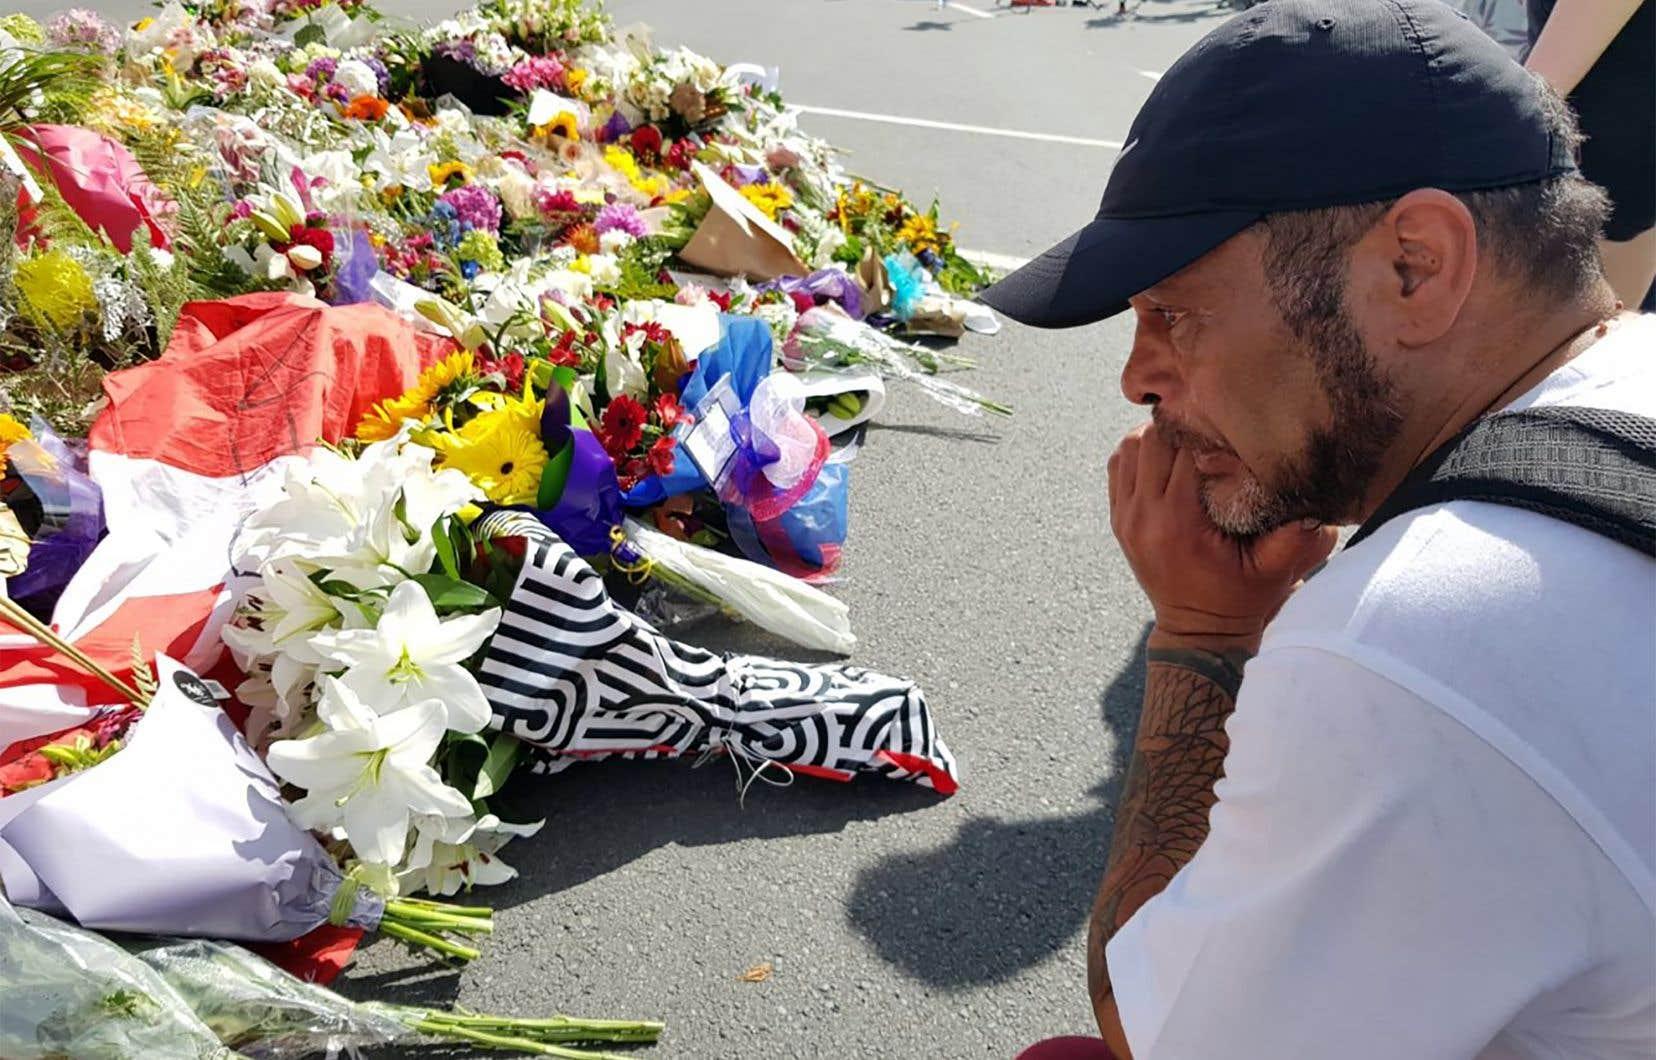 L'attentat, qui a soulevé une vague de condamnations à travers le monde, serait le plus meurtrier de l'époque contemporaine contre des musulmans dans un pays occidental.